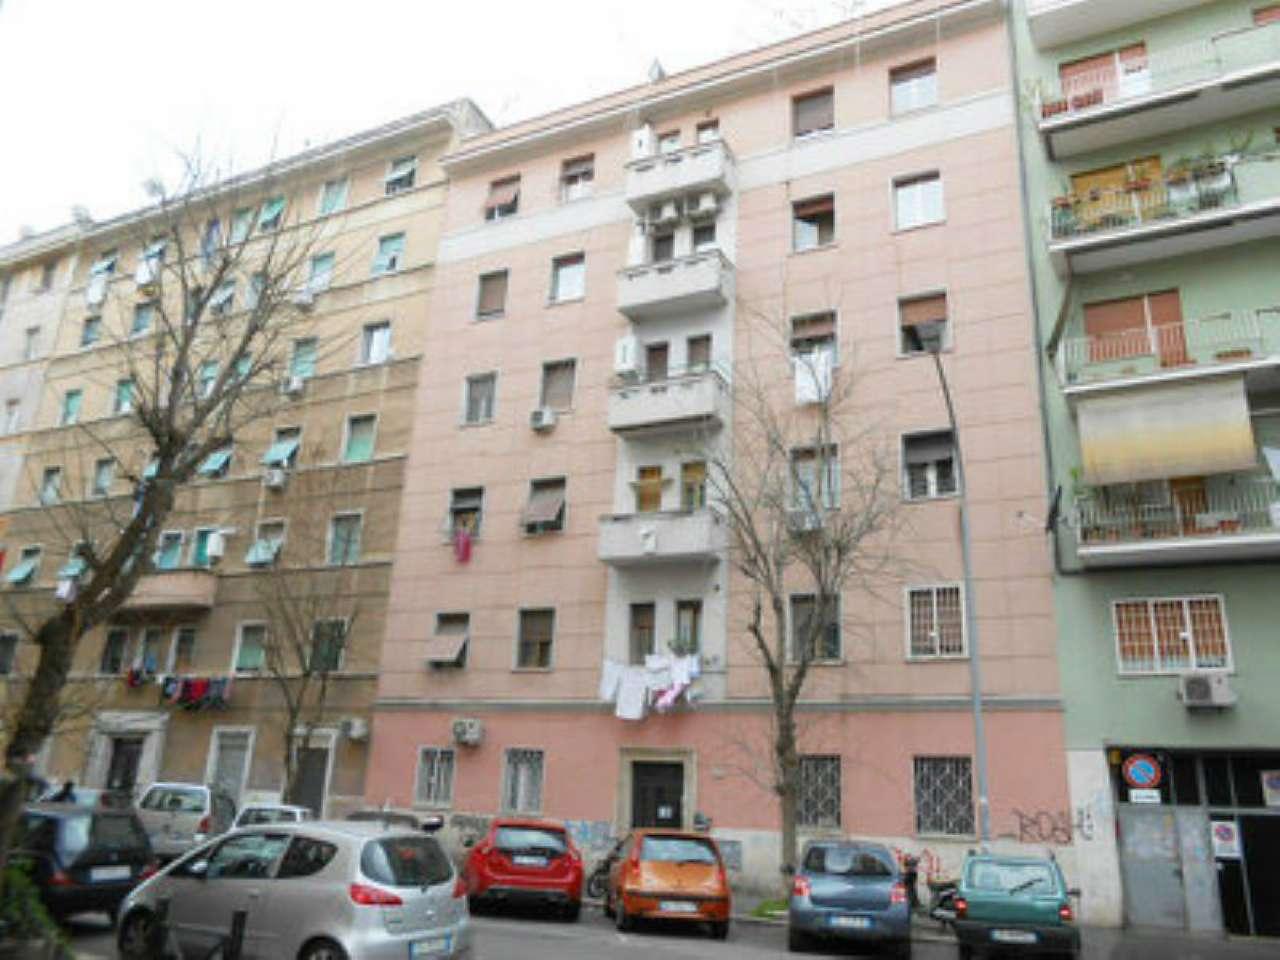 Appartamento in vendita a Roma, 1 locali, zona Zona: 10 . Pigneto, Largo Preneste, prezzo € 99.000 | CambioCasa.it